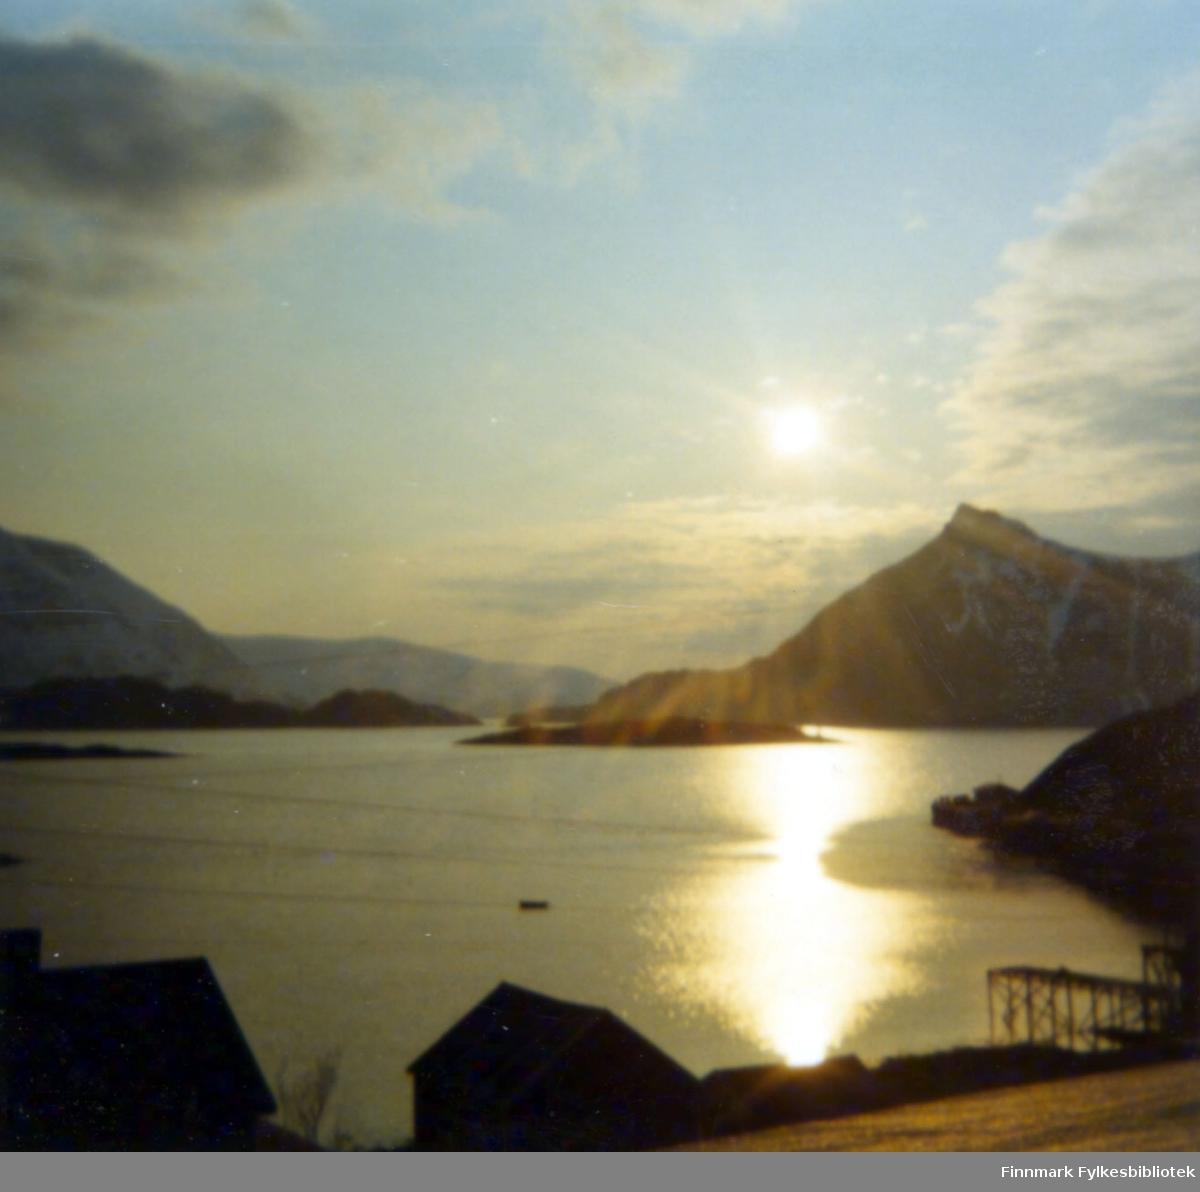 Kveldssol over Bergsfjord. Stort sett blå himmel, men spredte skyer kan ses. Litt vindgråe på sjøen og en båt er midt på bildet. Siluettene av to bygg ses nederst på bildet og nede til høyre står en trekai delvis ute i sjøen. Bak dem skrå et gressdekt jorde ned mot fjæra og over bygningene går tre el-ledninger i luftspenn. Et nes stikker ut i sjøen til høyre for kaia. Bakerst, til høyre på bildet ligger Bukkeskinnfjell med den karakteristiske toppen. Foran fjellet ligger Lyktholmen. Til venstre på bildet stikker et lite nes, som muligens er Langholme, ut i sjøen og bak den ligger sannsynligvis Marøya. Fjellet bakerst i bildet til venster er mest sannsynlig Svartberget.